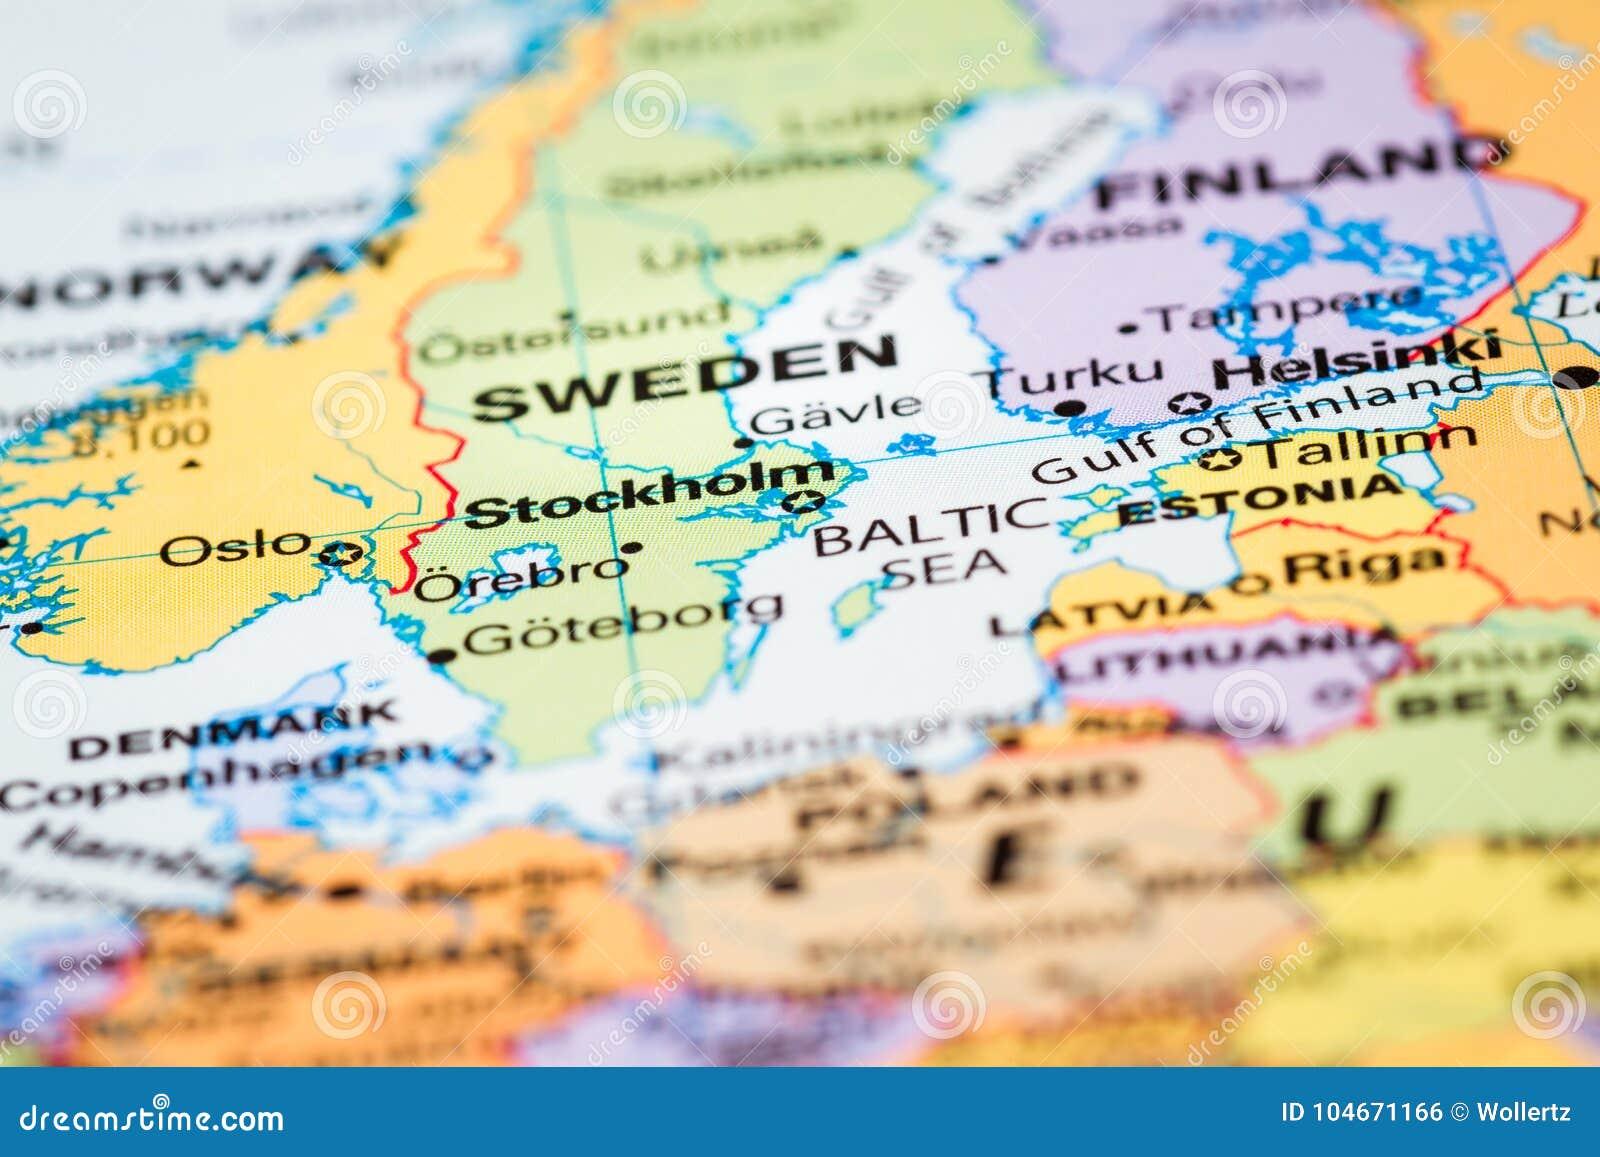 Skandinavien Auf Einer Karte Stockfoto Bild Von Sprache Kontinent